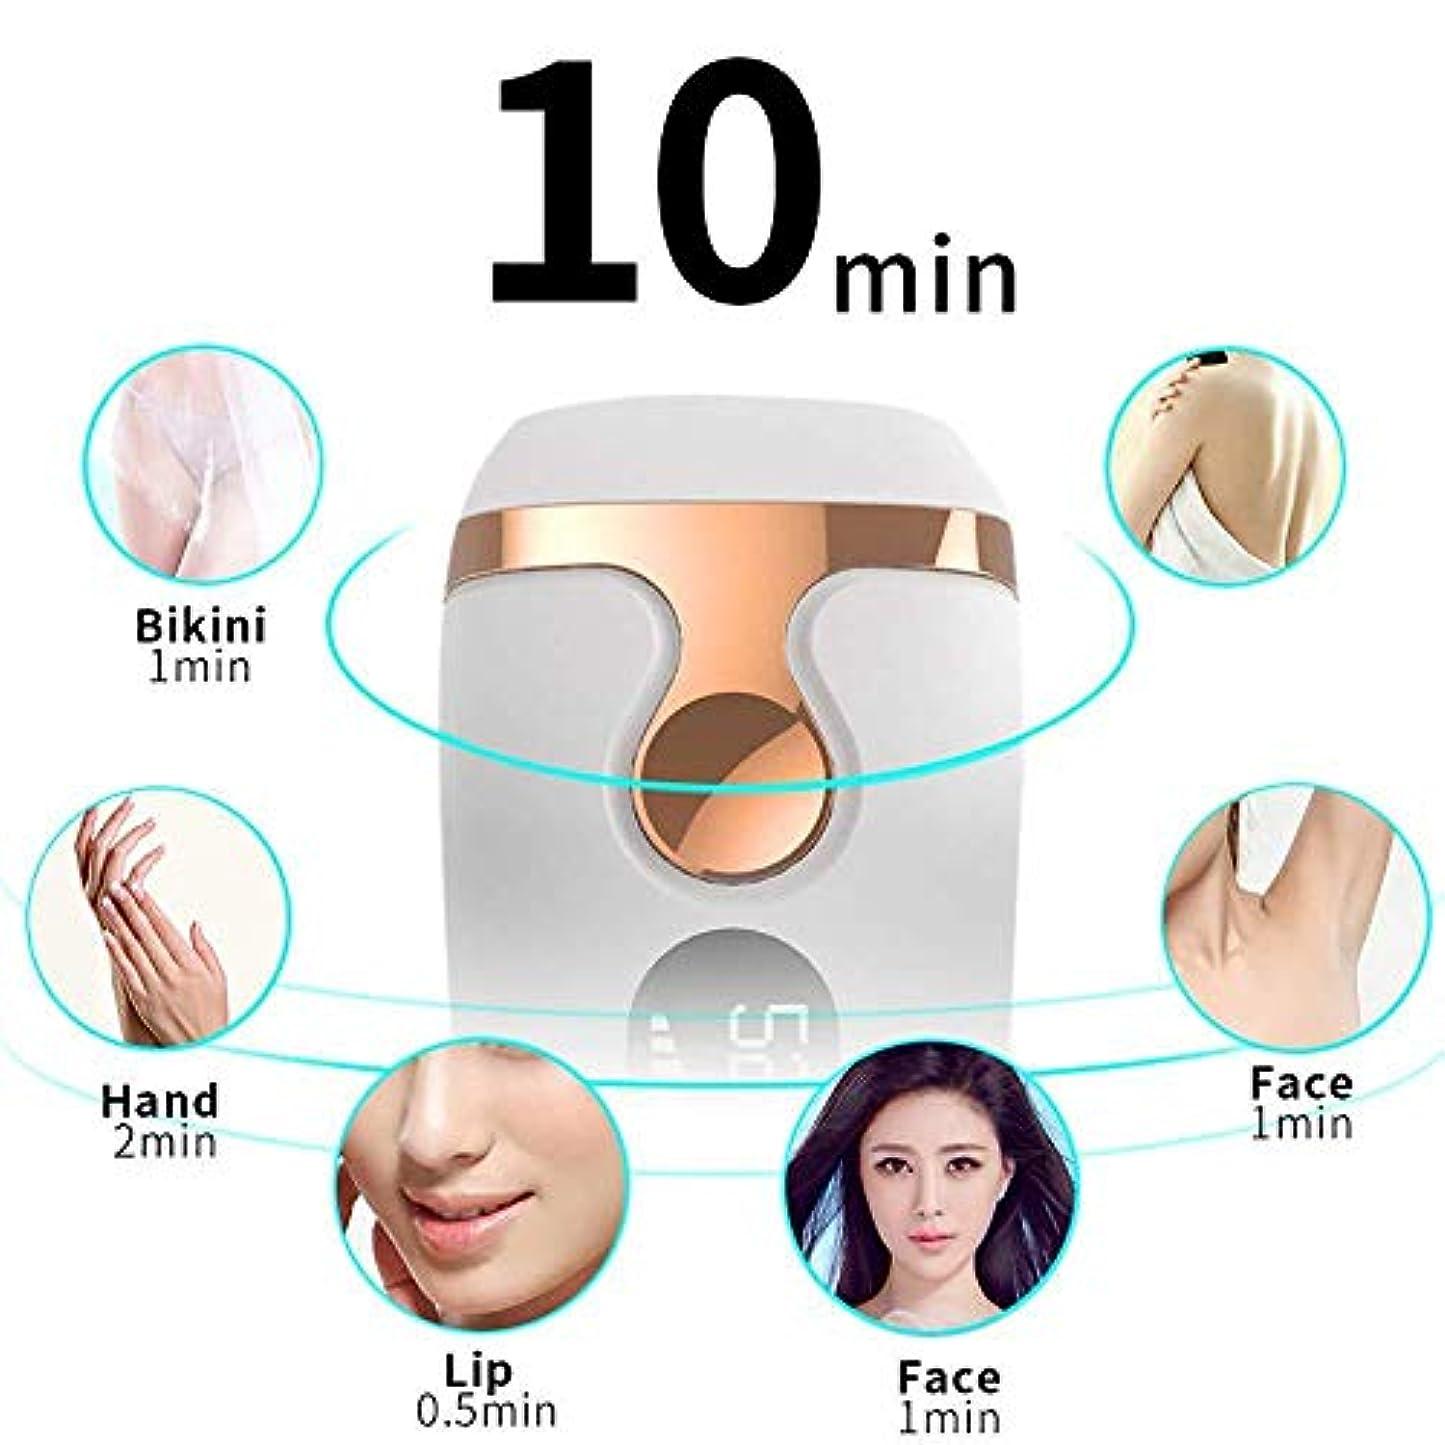 提供小康パット女性の痛みのない永久脱毛、IPL脱毛器、パーマネント、500000フラッシュ、女性用ボディレッグビキニトリマー用脱毛機、ホワイト